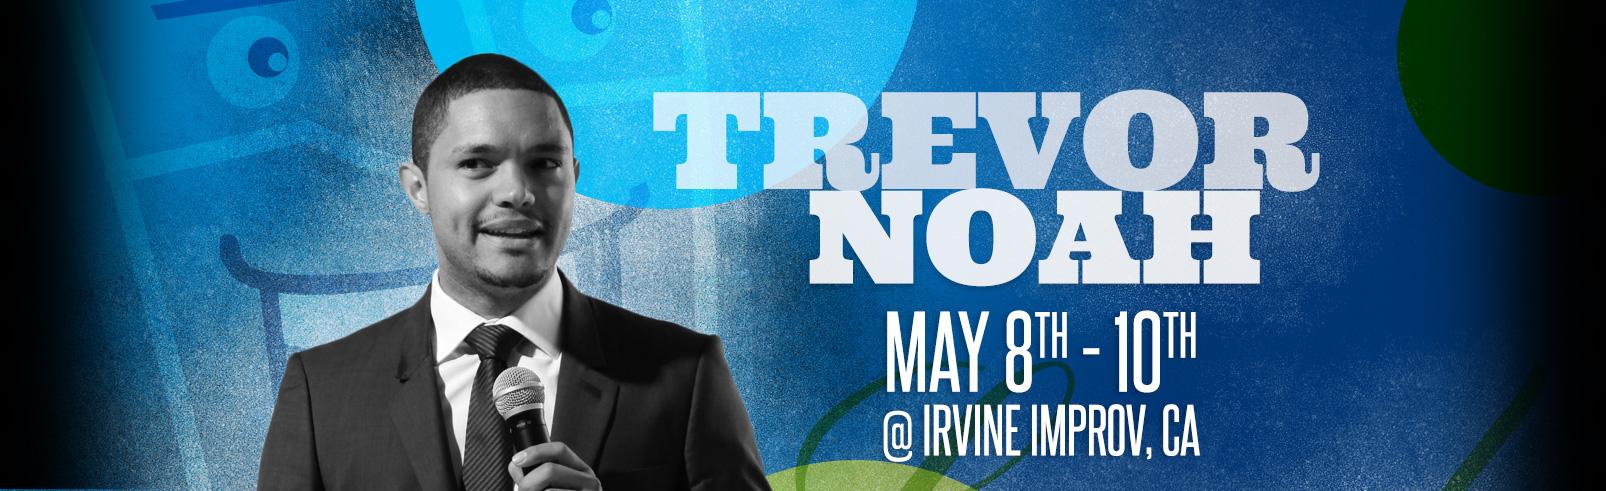 Trevor Noah @ Irvine Improv